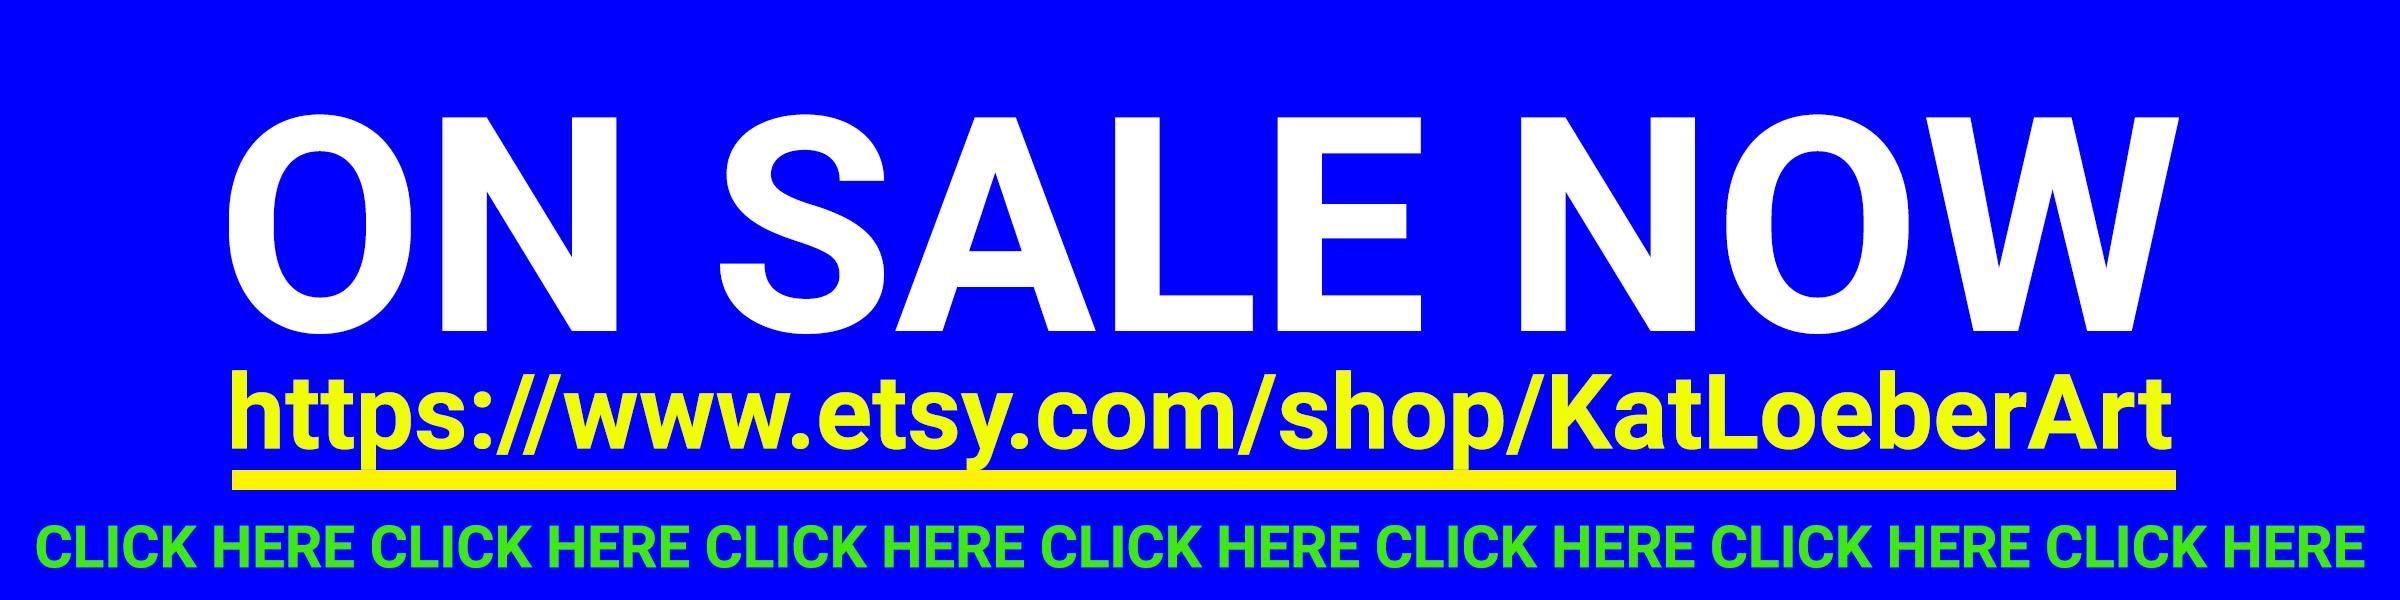 On Sale Etsy Website Banner .jpg